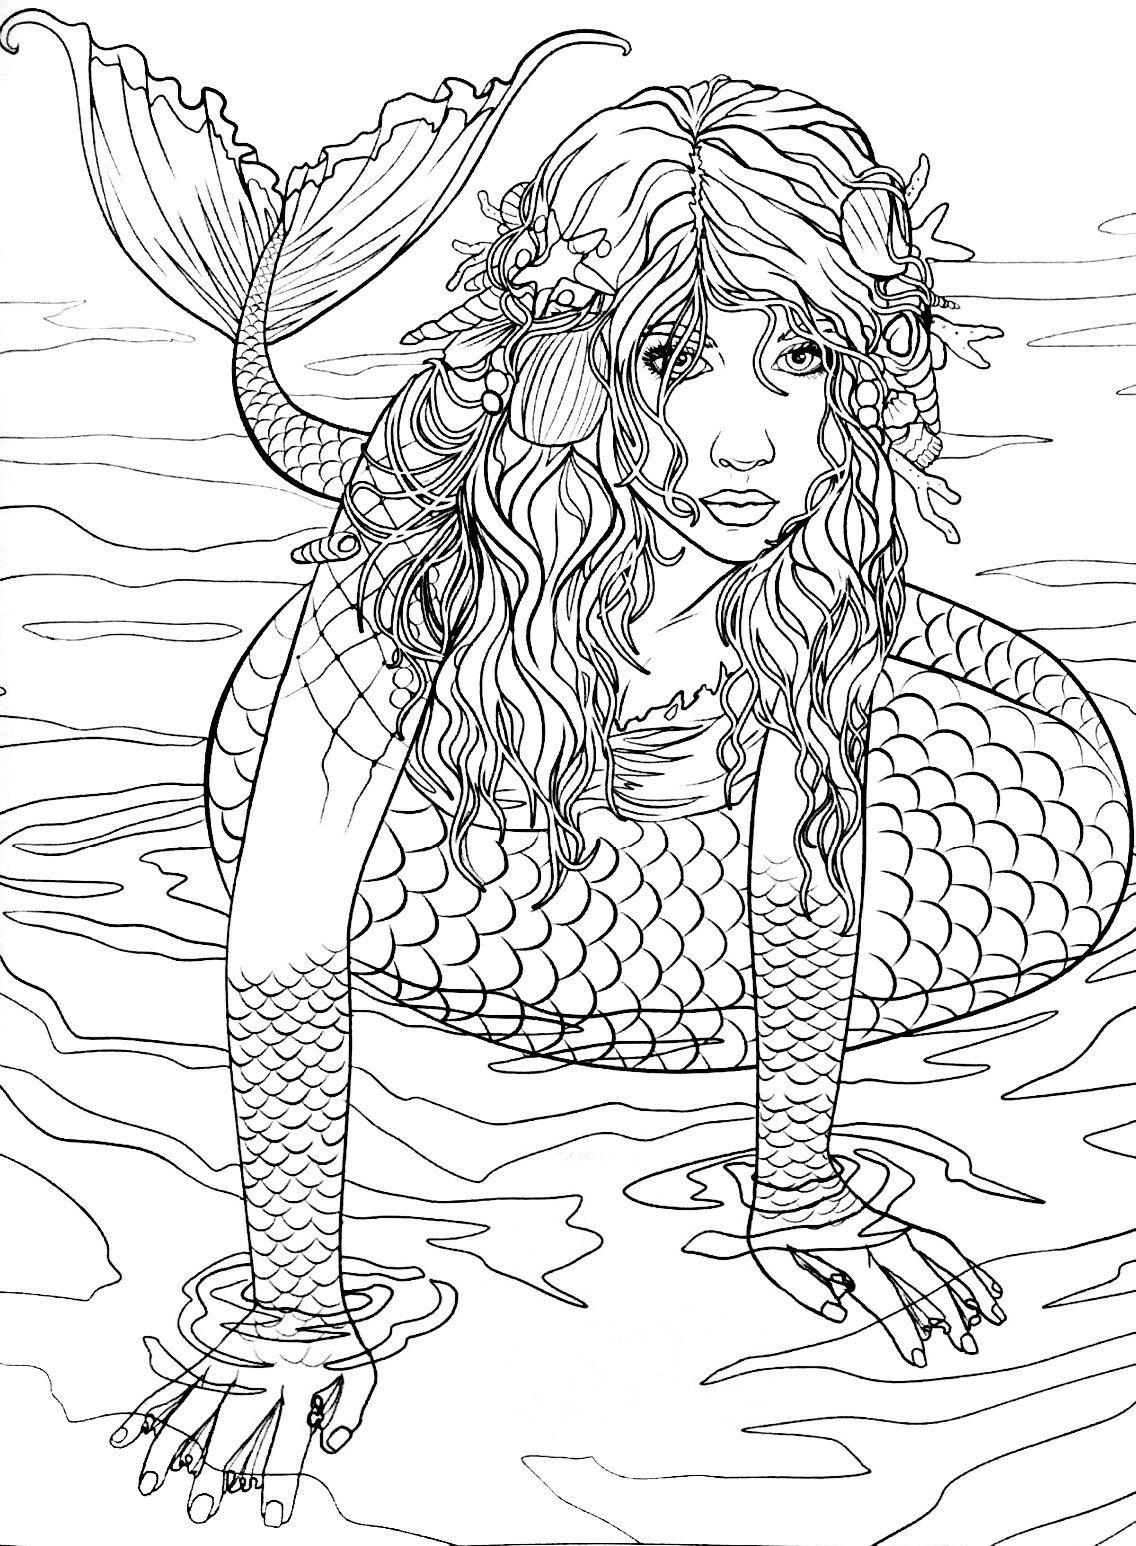 Mermaid Coloring Page (Mit Bildern)   Ausmalbilder, Malbuch mit Schwierige Ausmalbilder Für Erwachsene